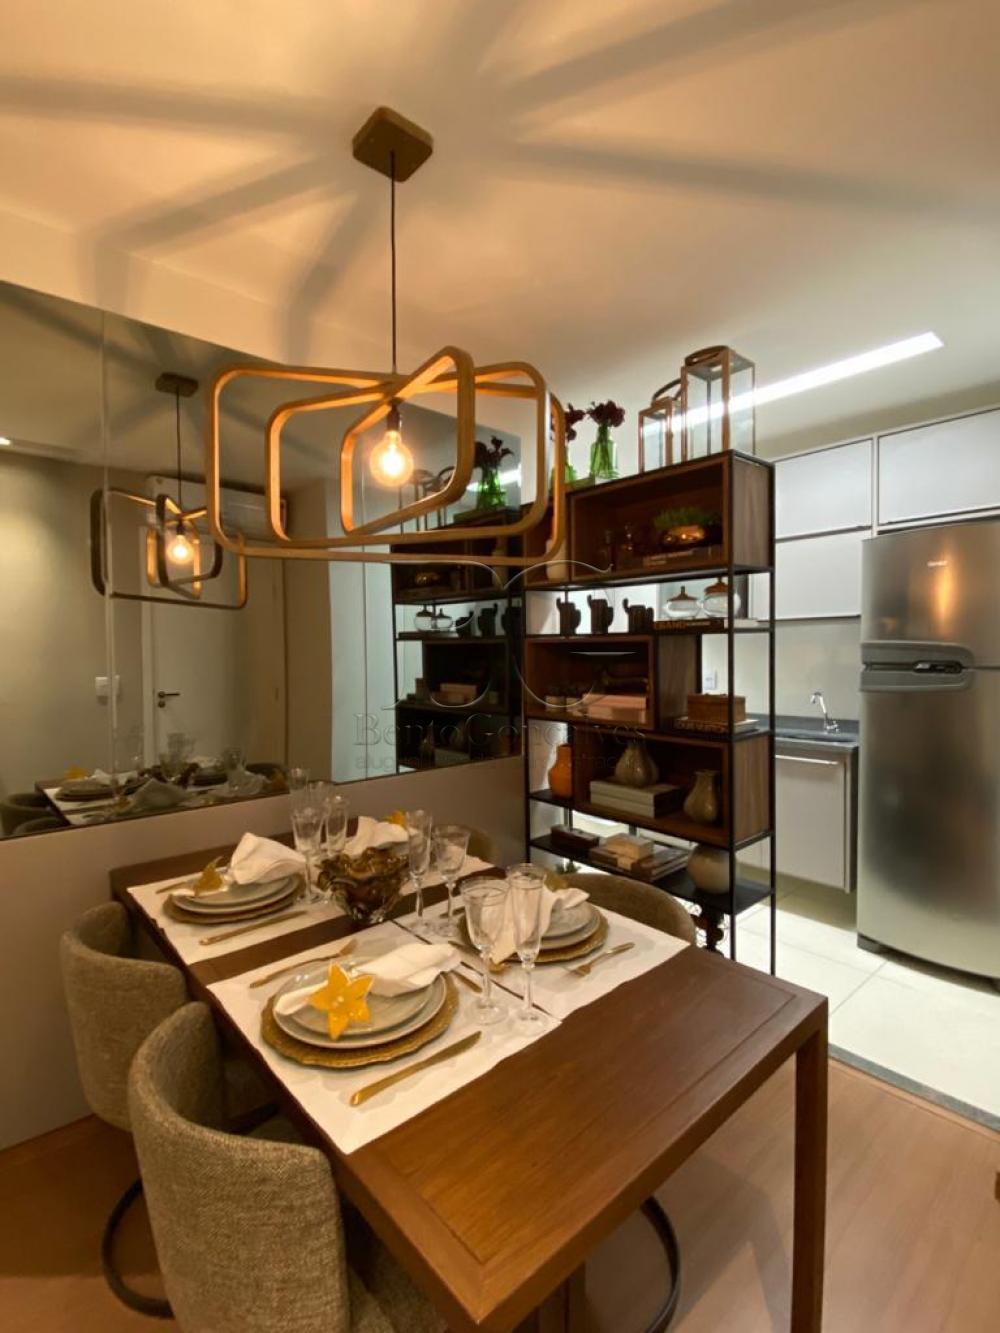 Comprar Apartamentos / Lançamento em Poços de Caldas apenas R$ 170.000,00 - Foto 2